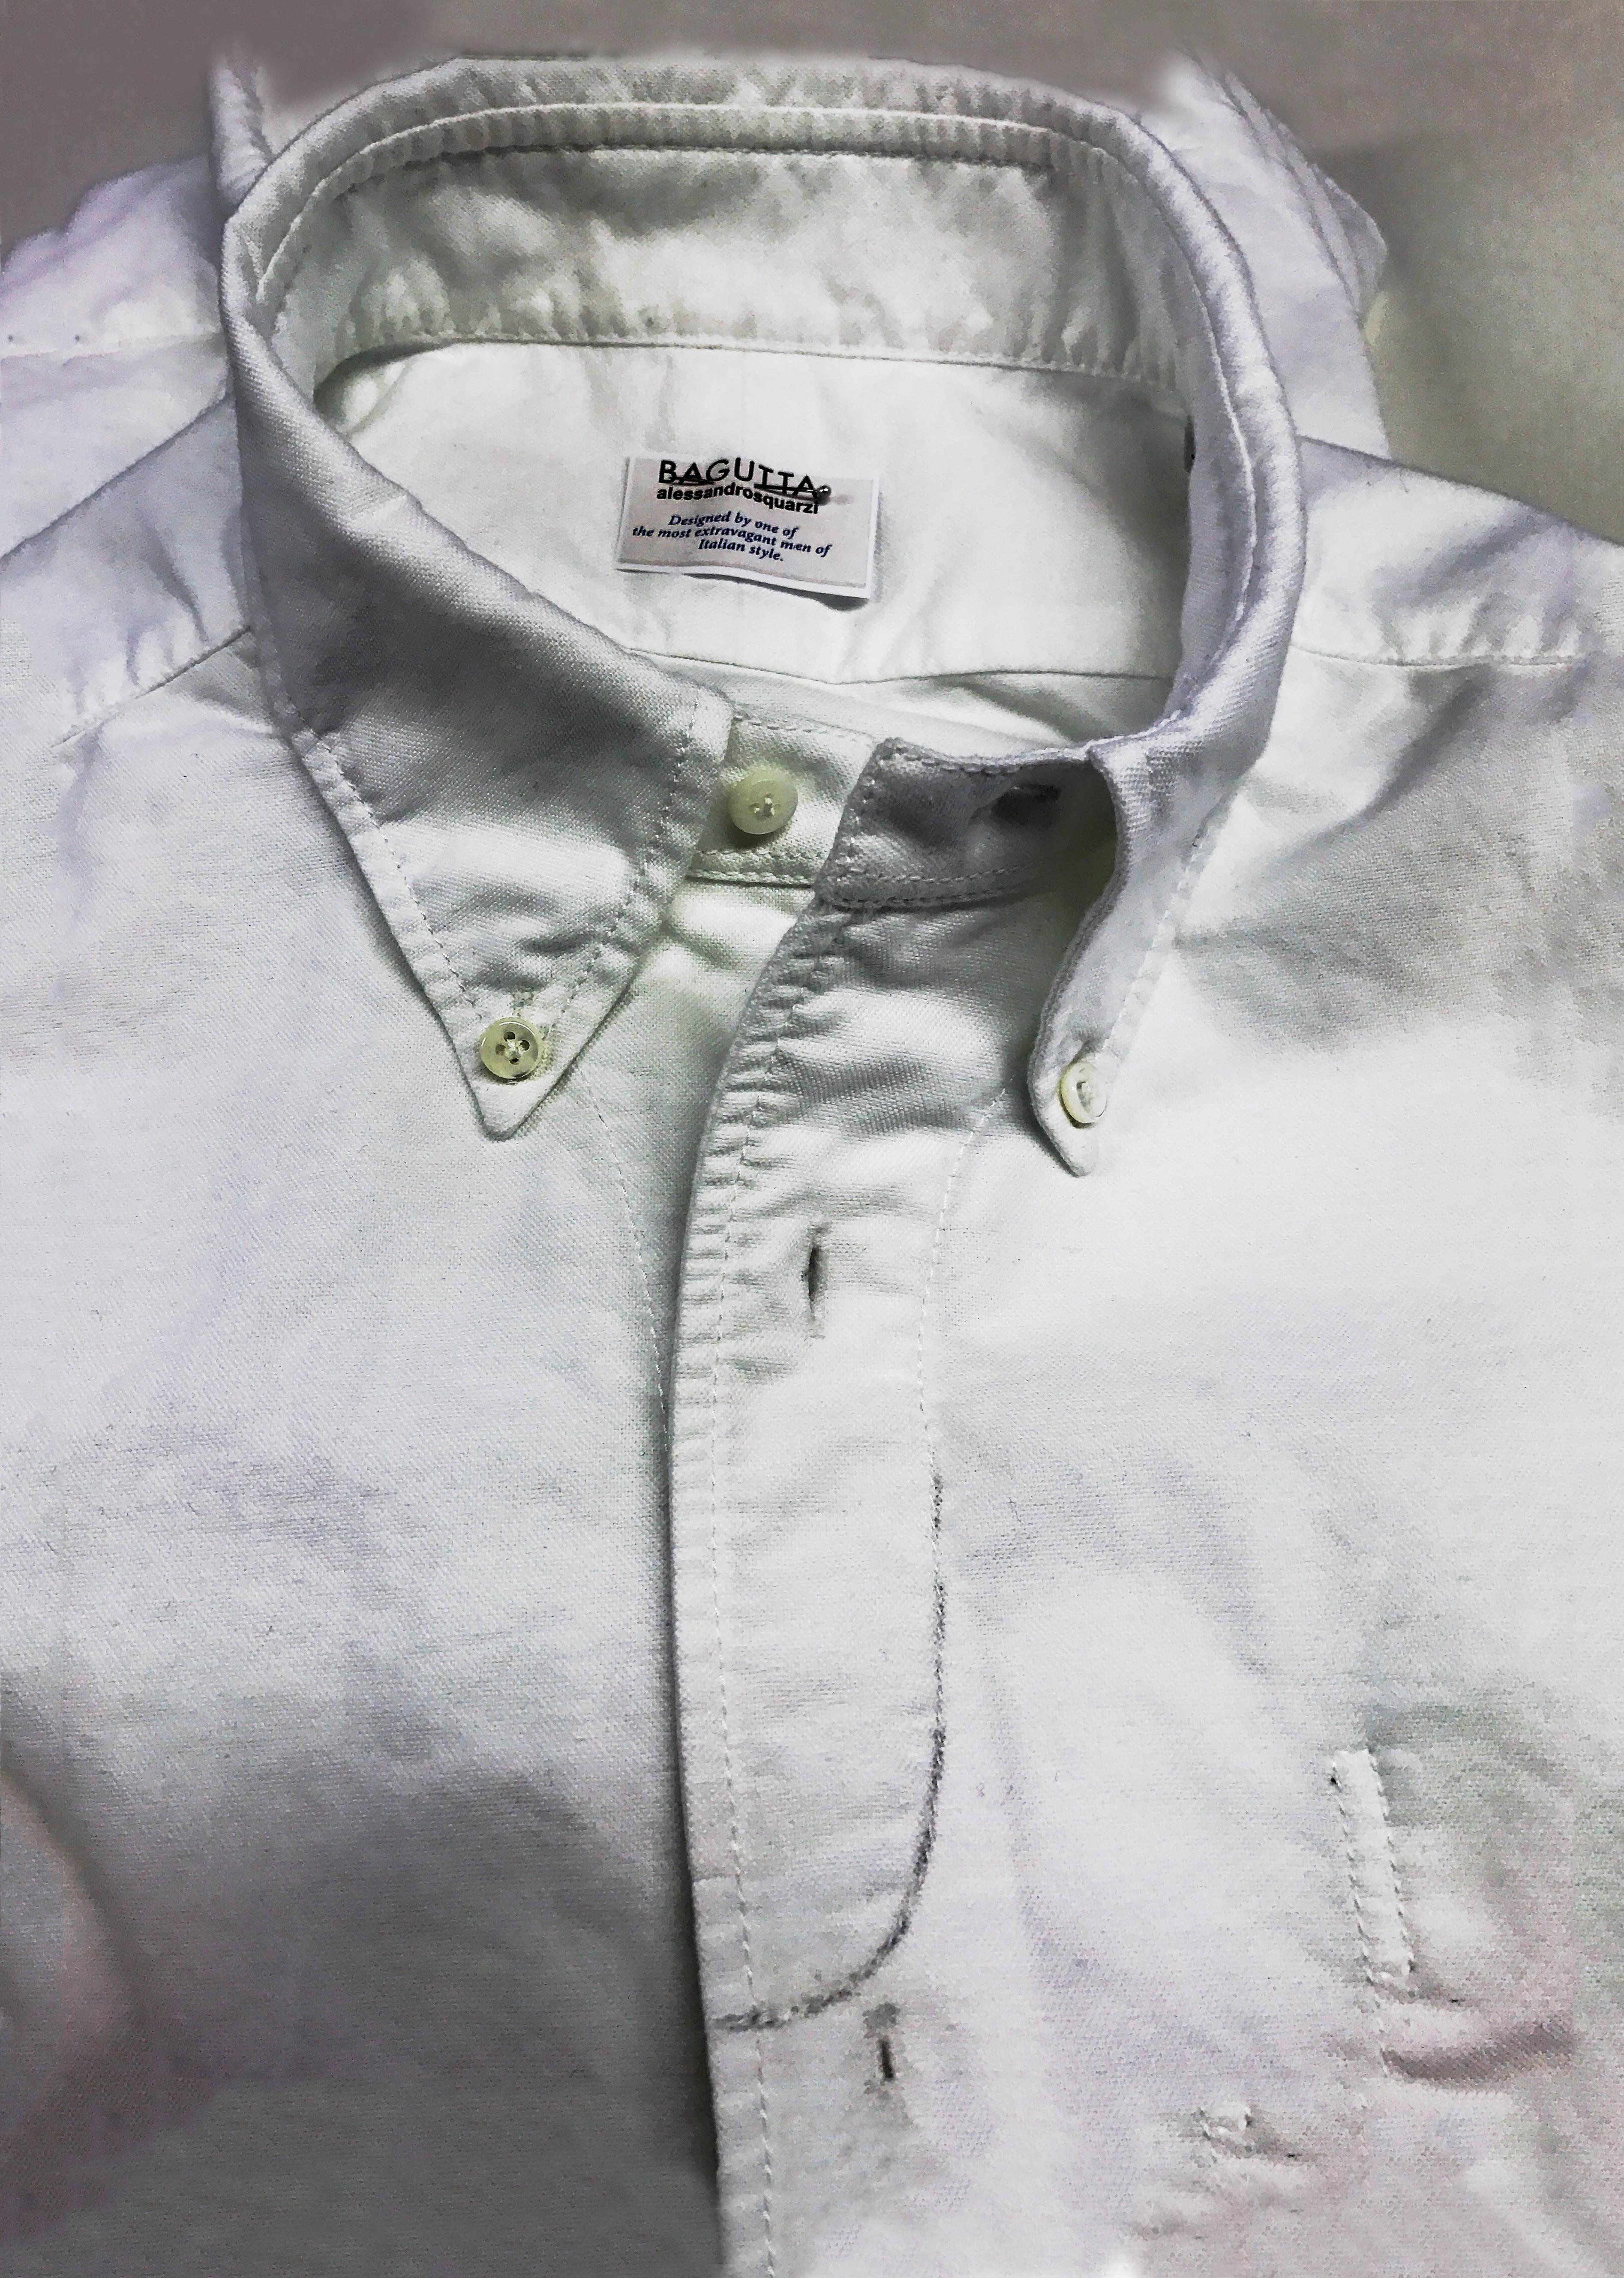 Camicia da uomo Bagutta - Pitti Uomo